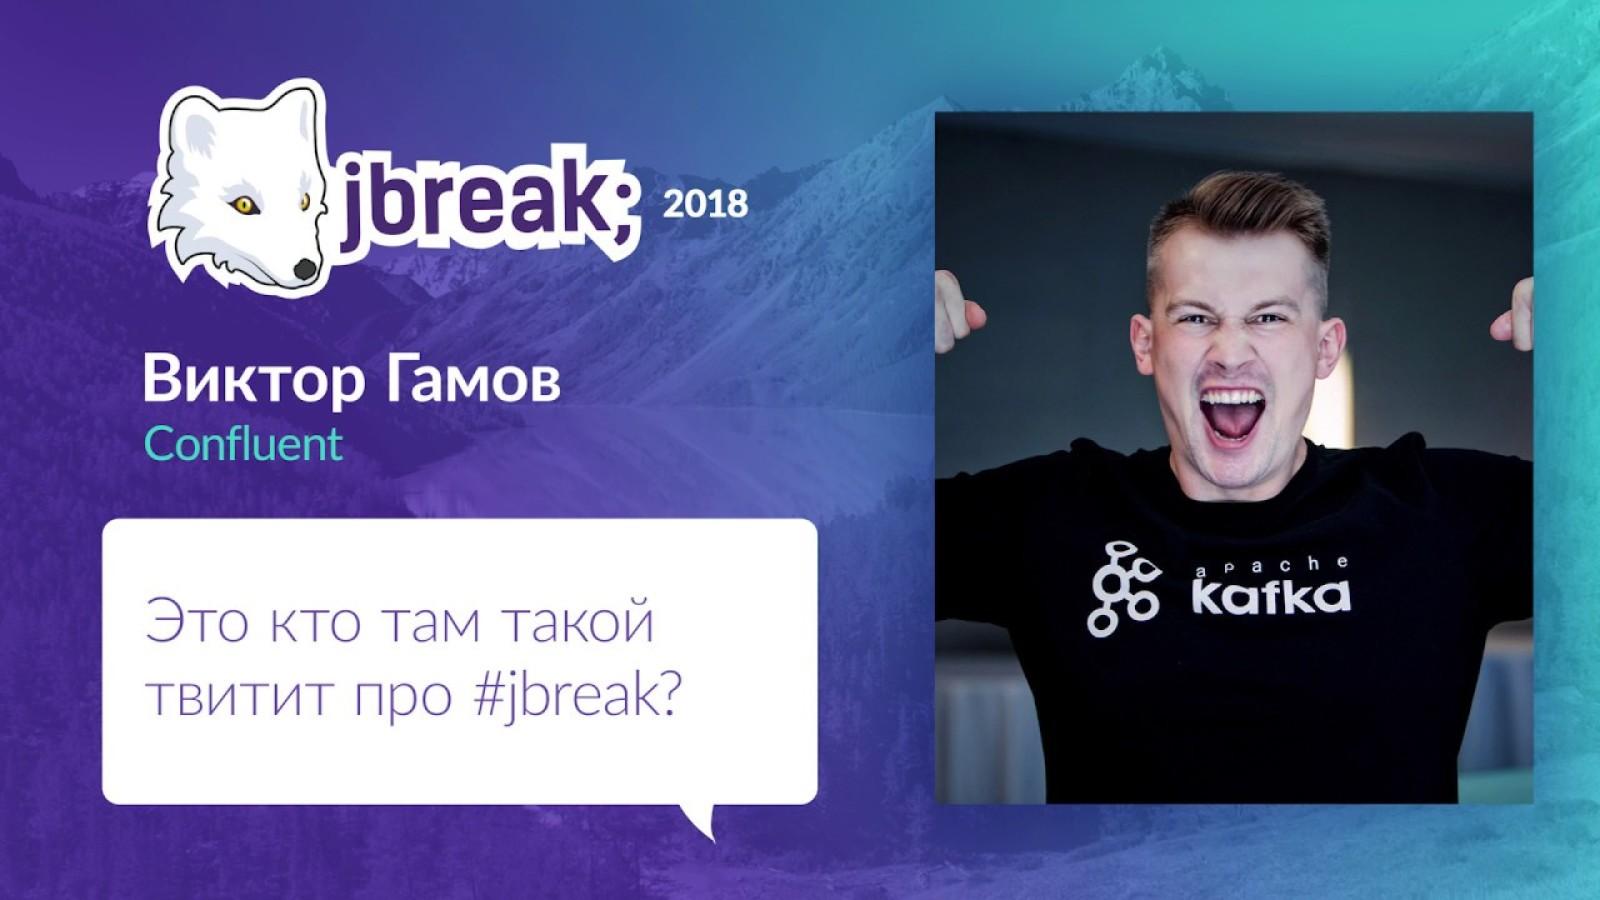 Это кто там такой твитит про #jbreak?